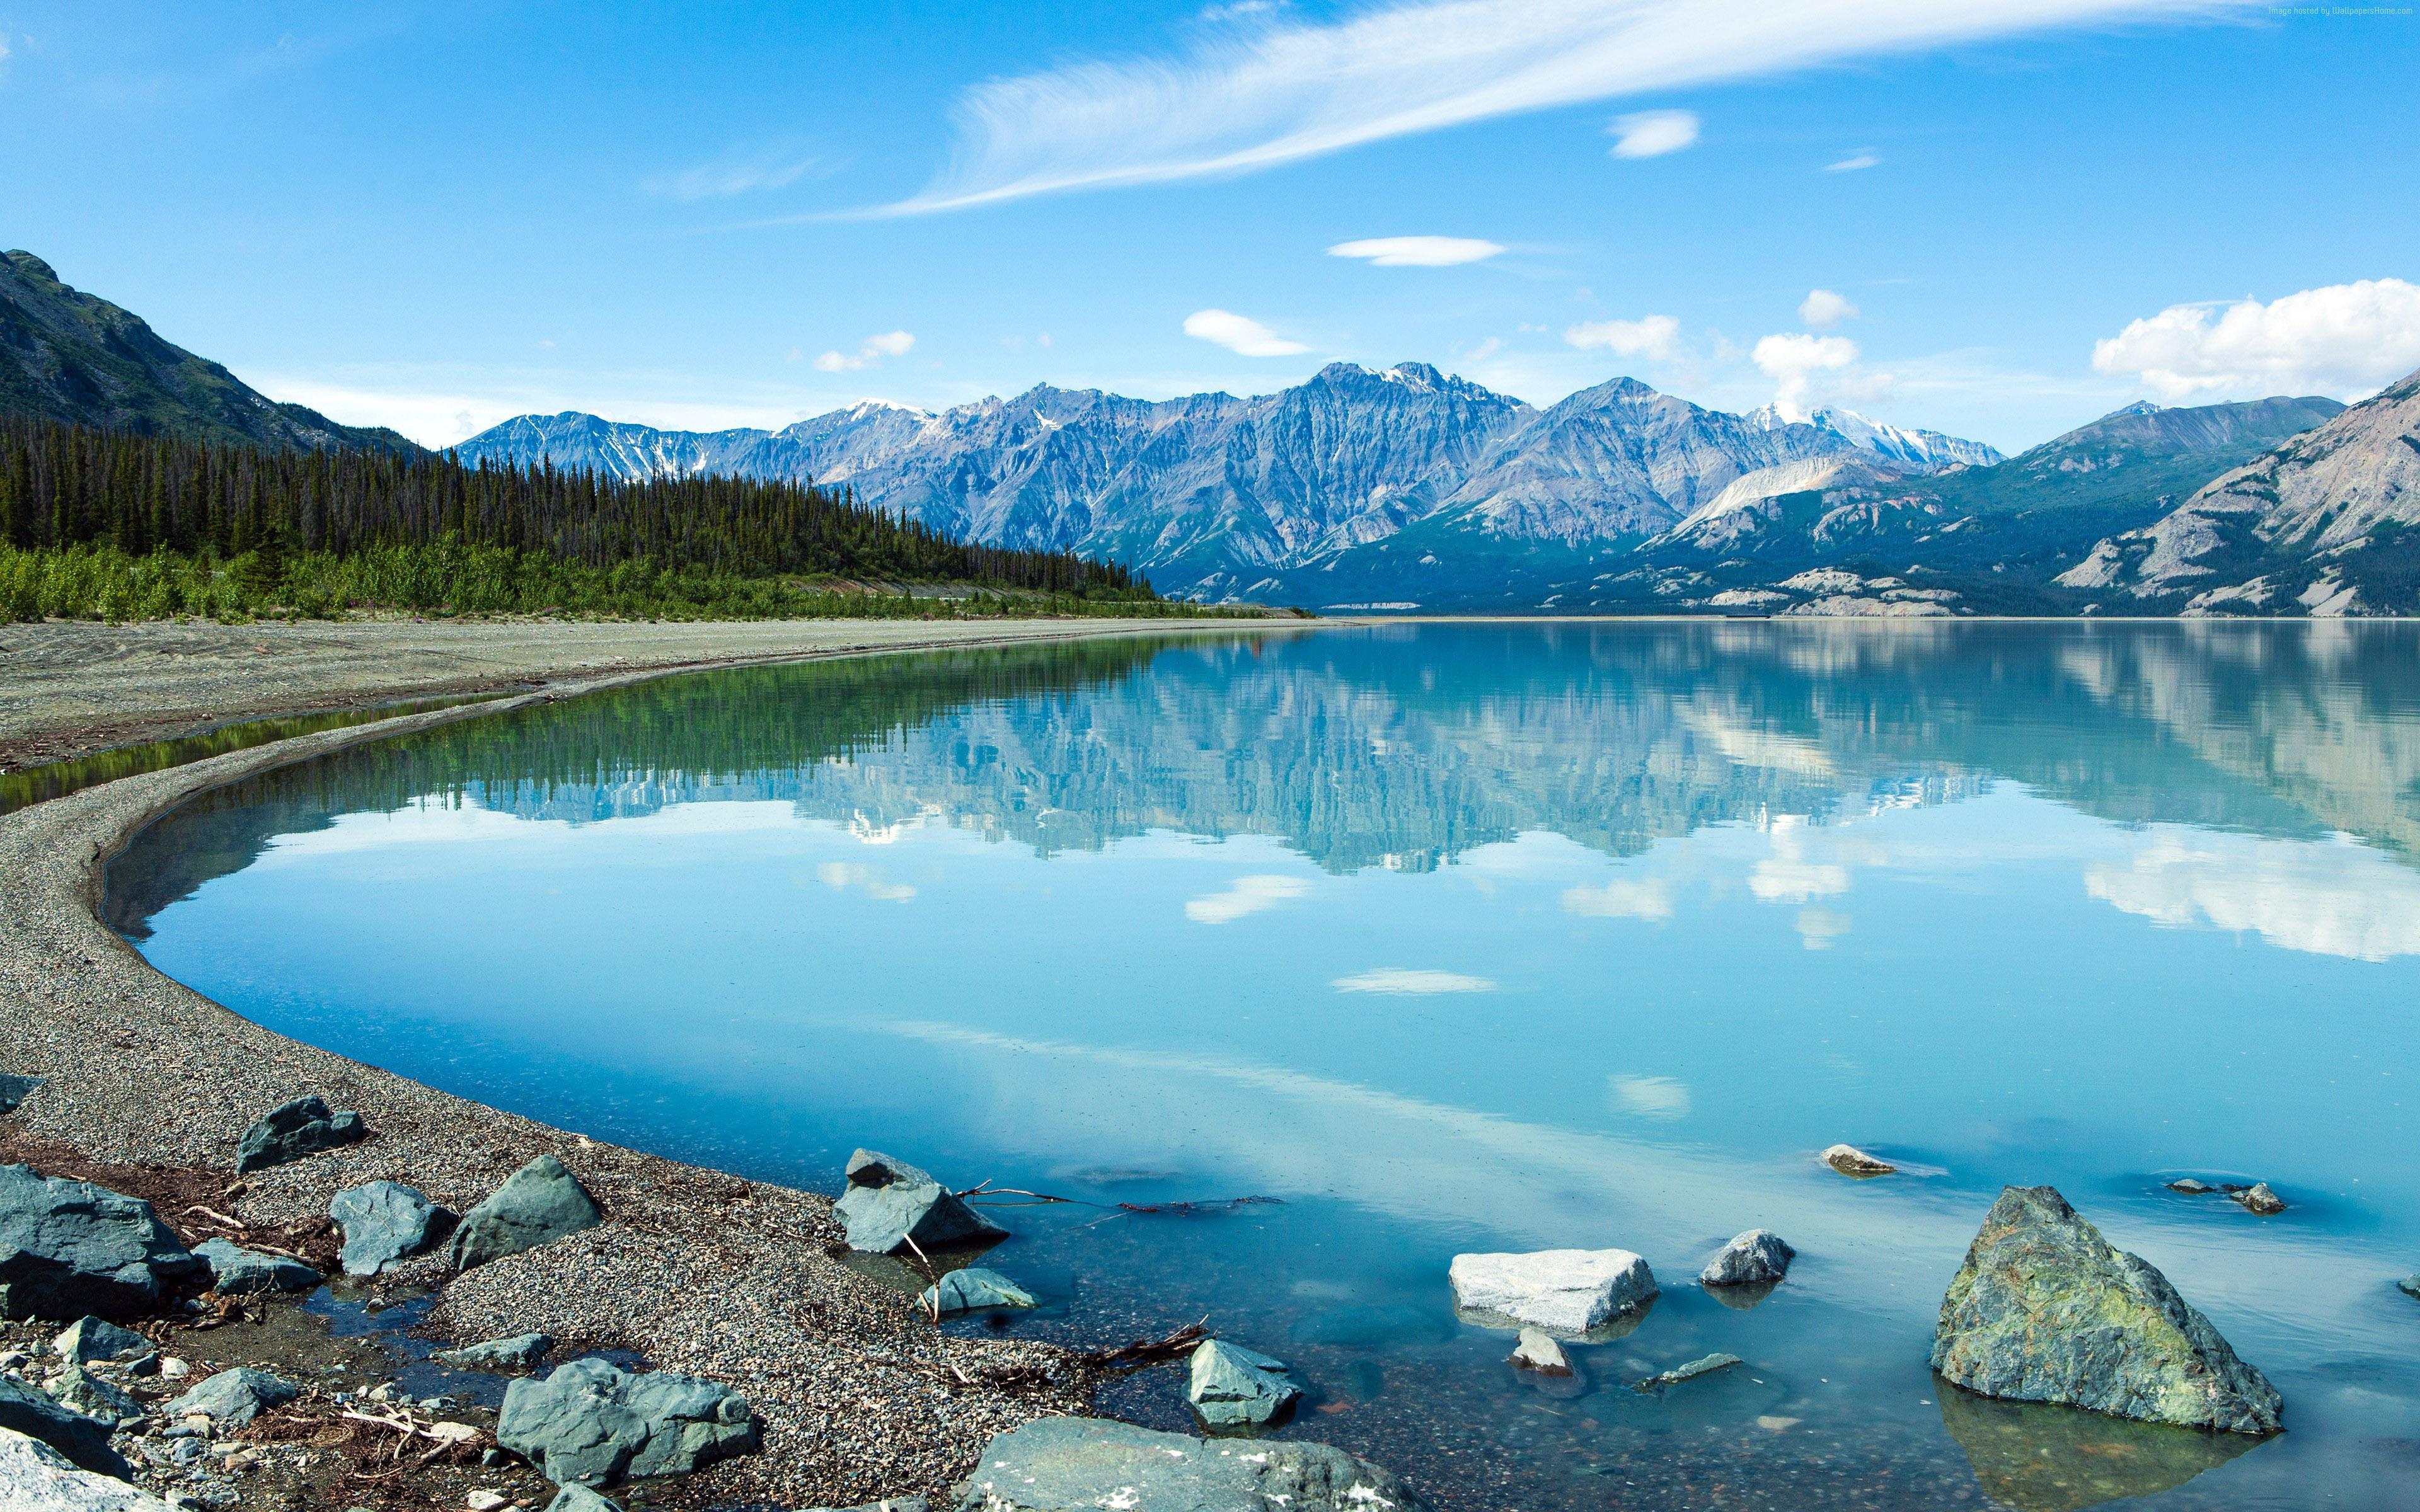 Montanha, Lago, Natureza, 4k, Hd, Paisagem Visualização